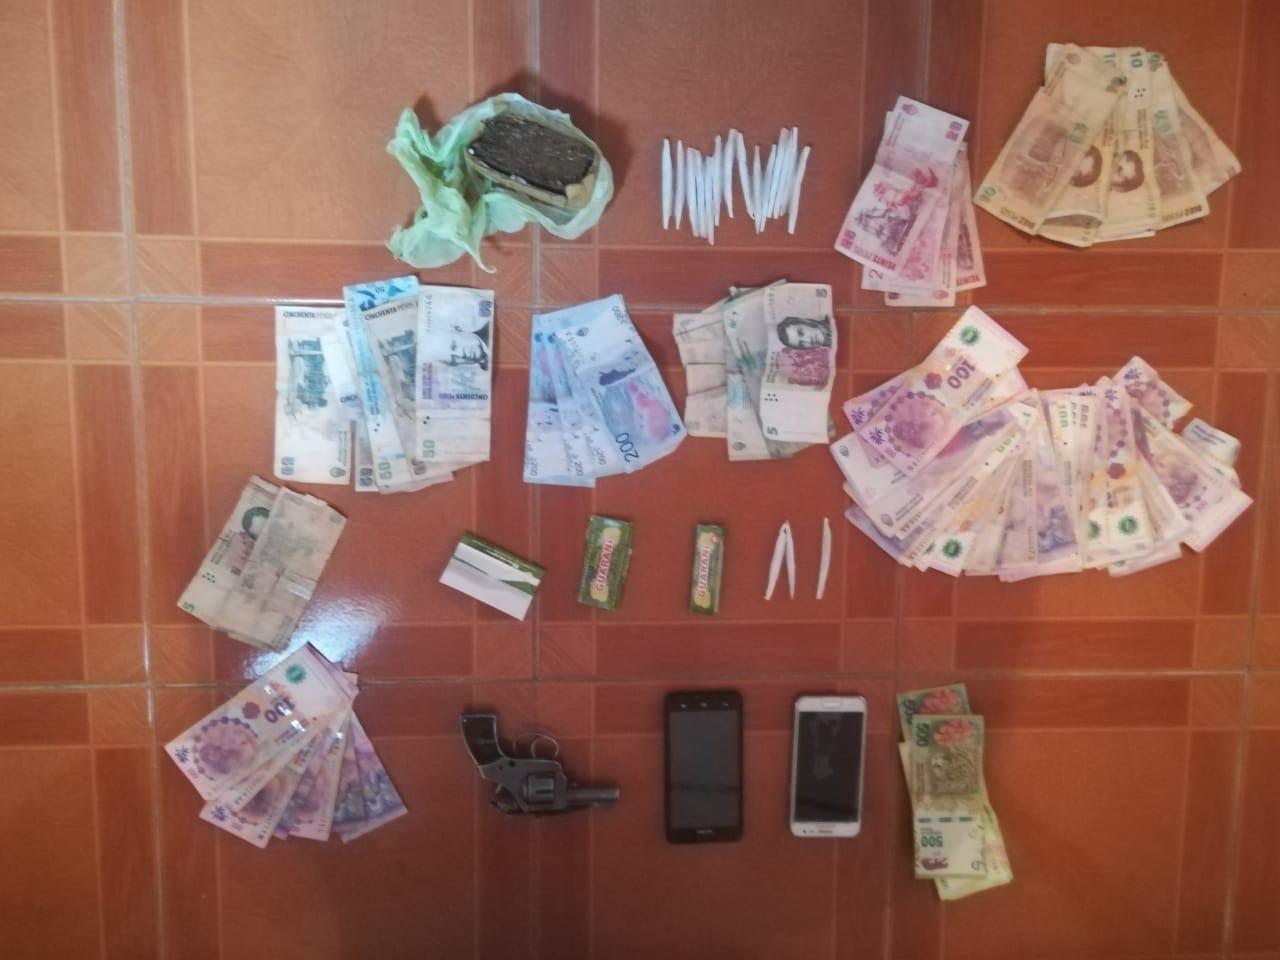 allanamiento-mendoza-policia-droga-fotos-operativo-merca-detenidos-narcos-plata